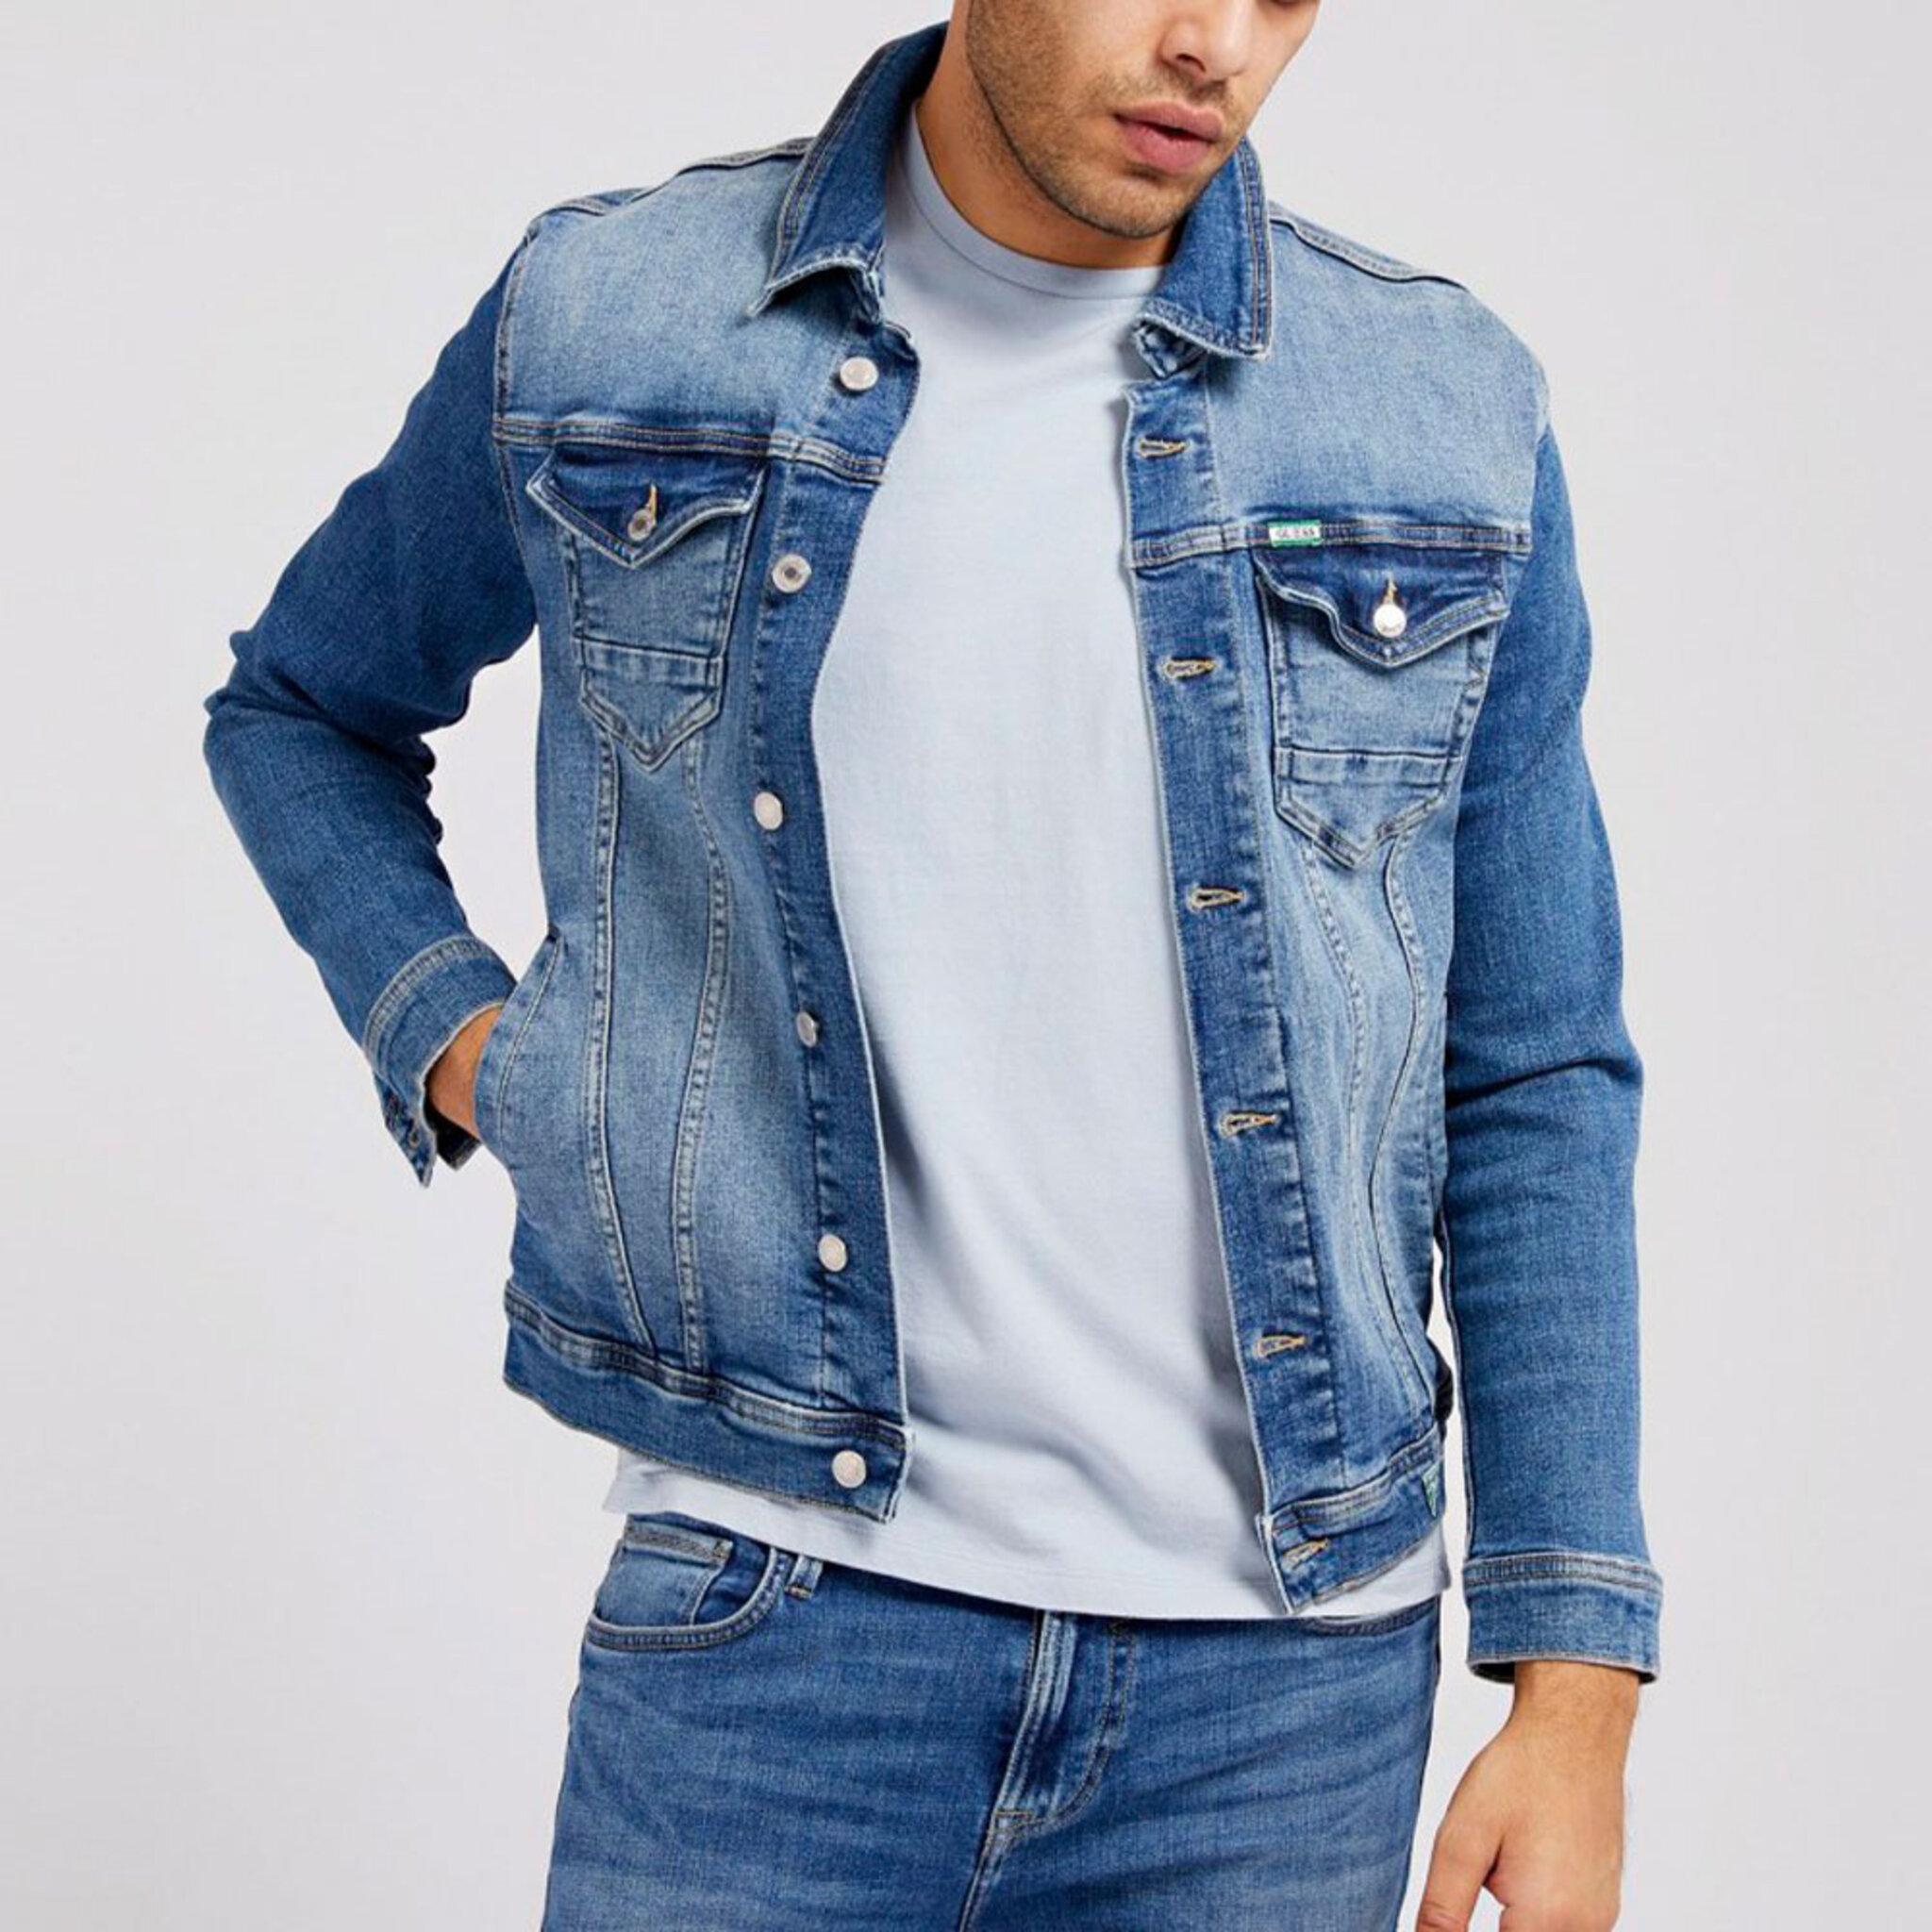 WILLIAM JACKET Jacket